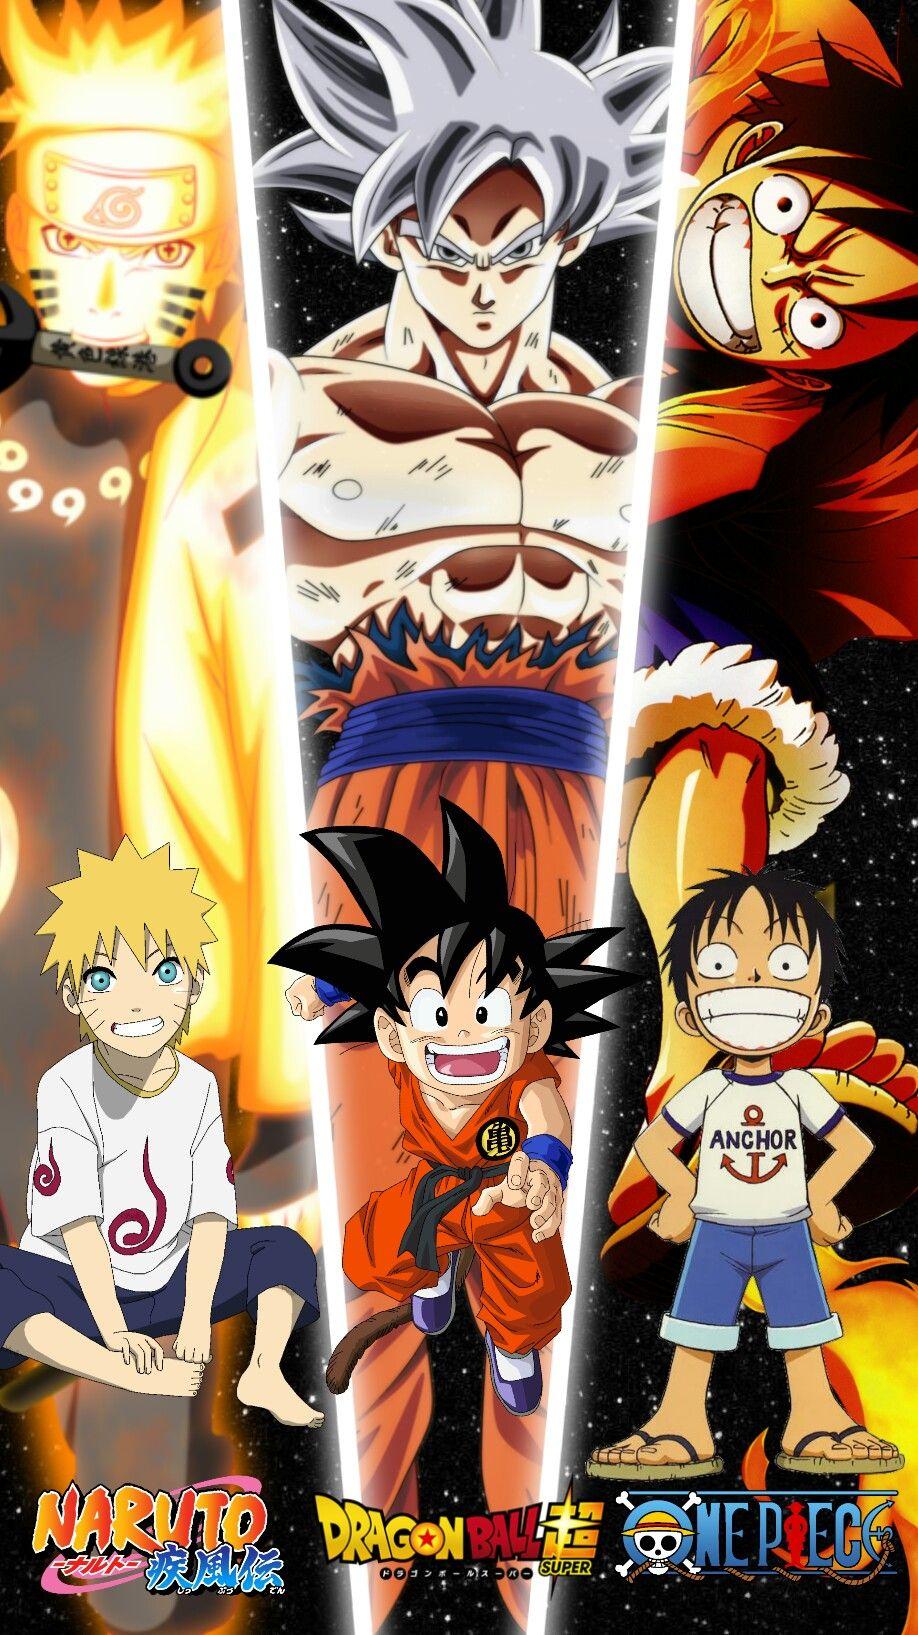 Naruto Goku Luffy Anime All Anime Characters Anime Dragon Ball